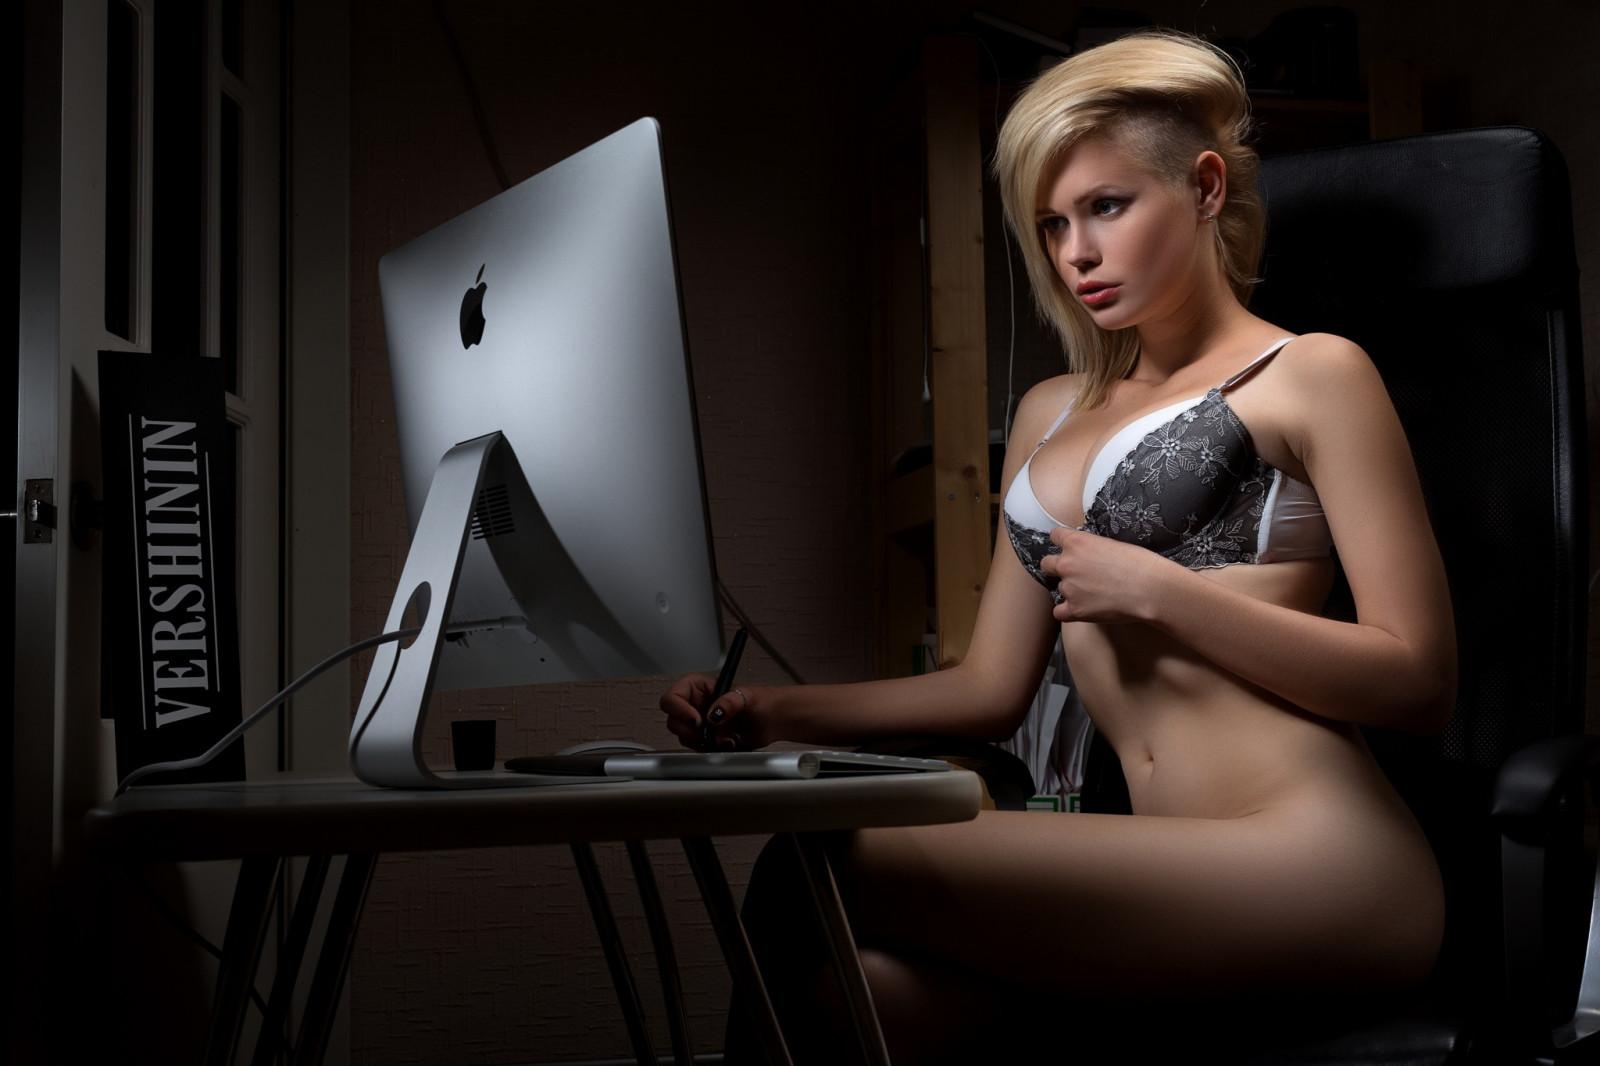 что поделать эротические обои для ноутбука надоели неумехи, которые